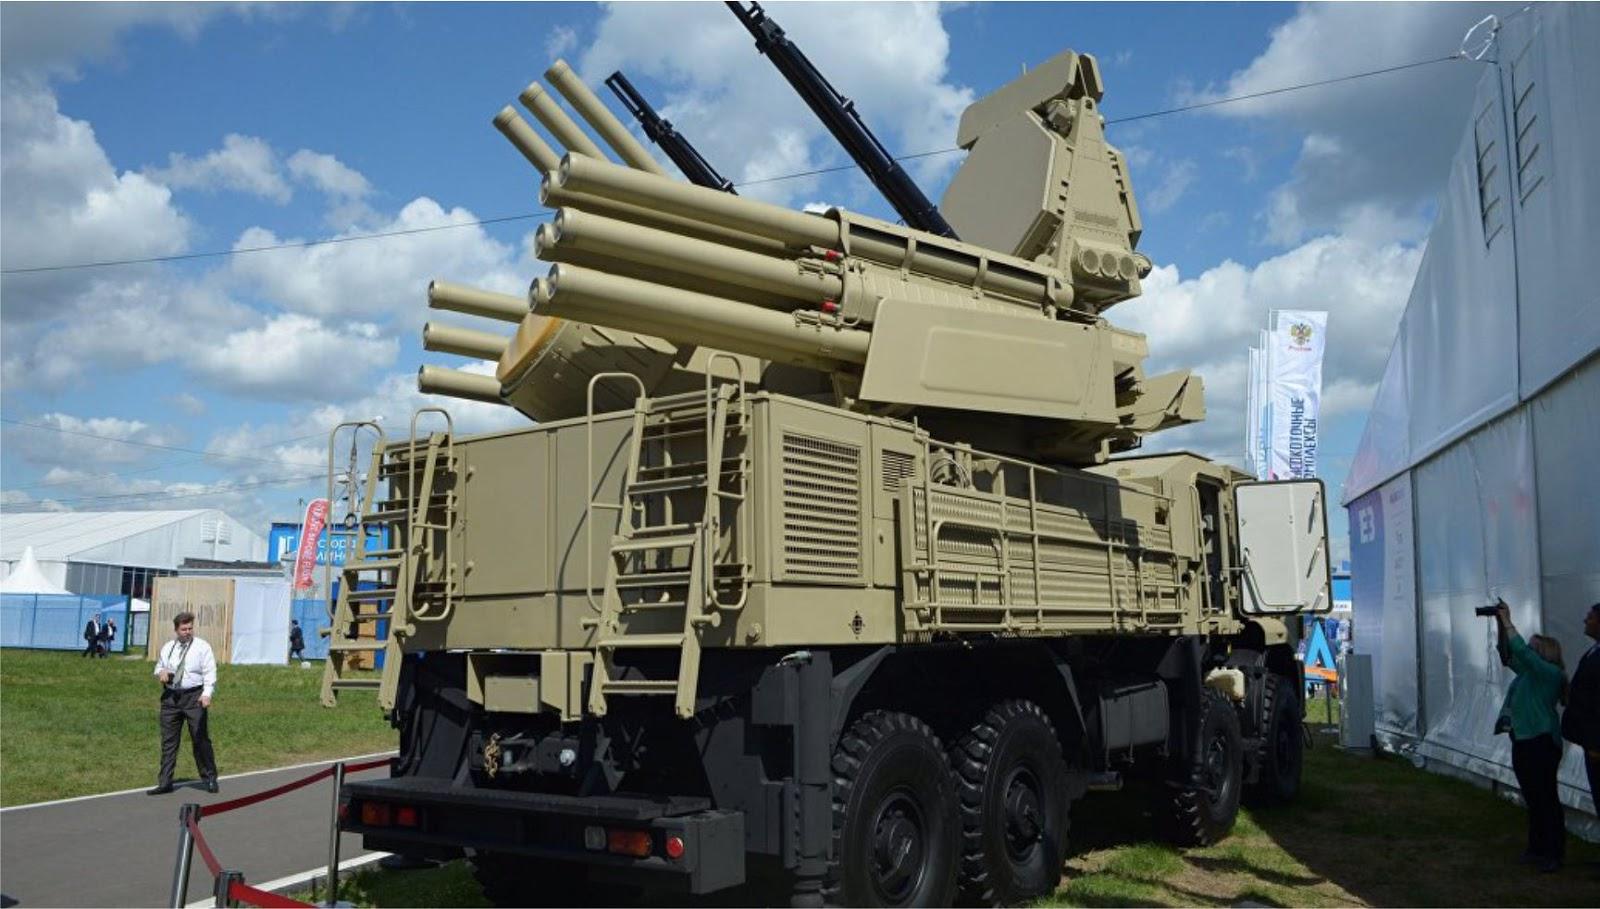 Rusia akan menciptakan sistem pertahanan udara baru